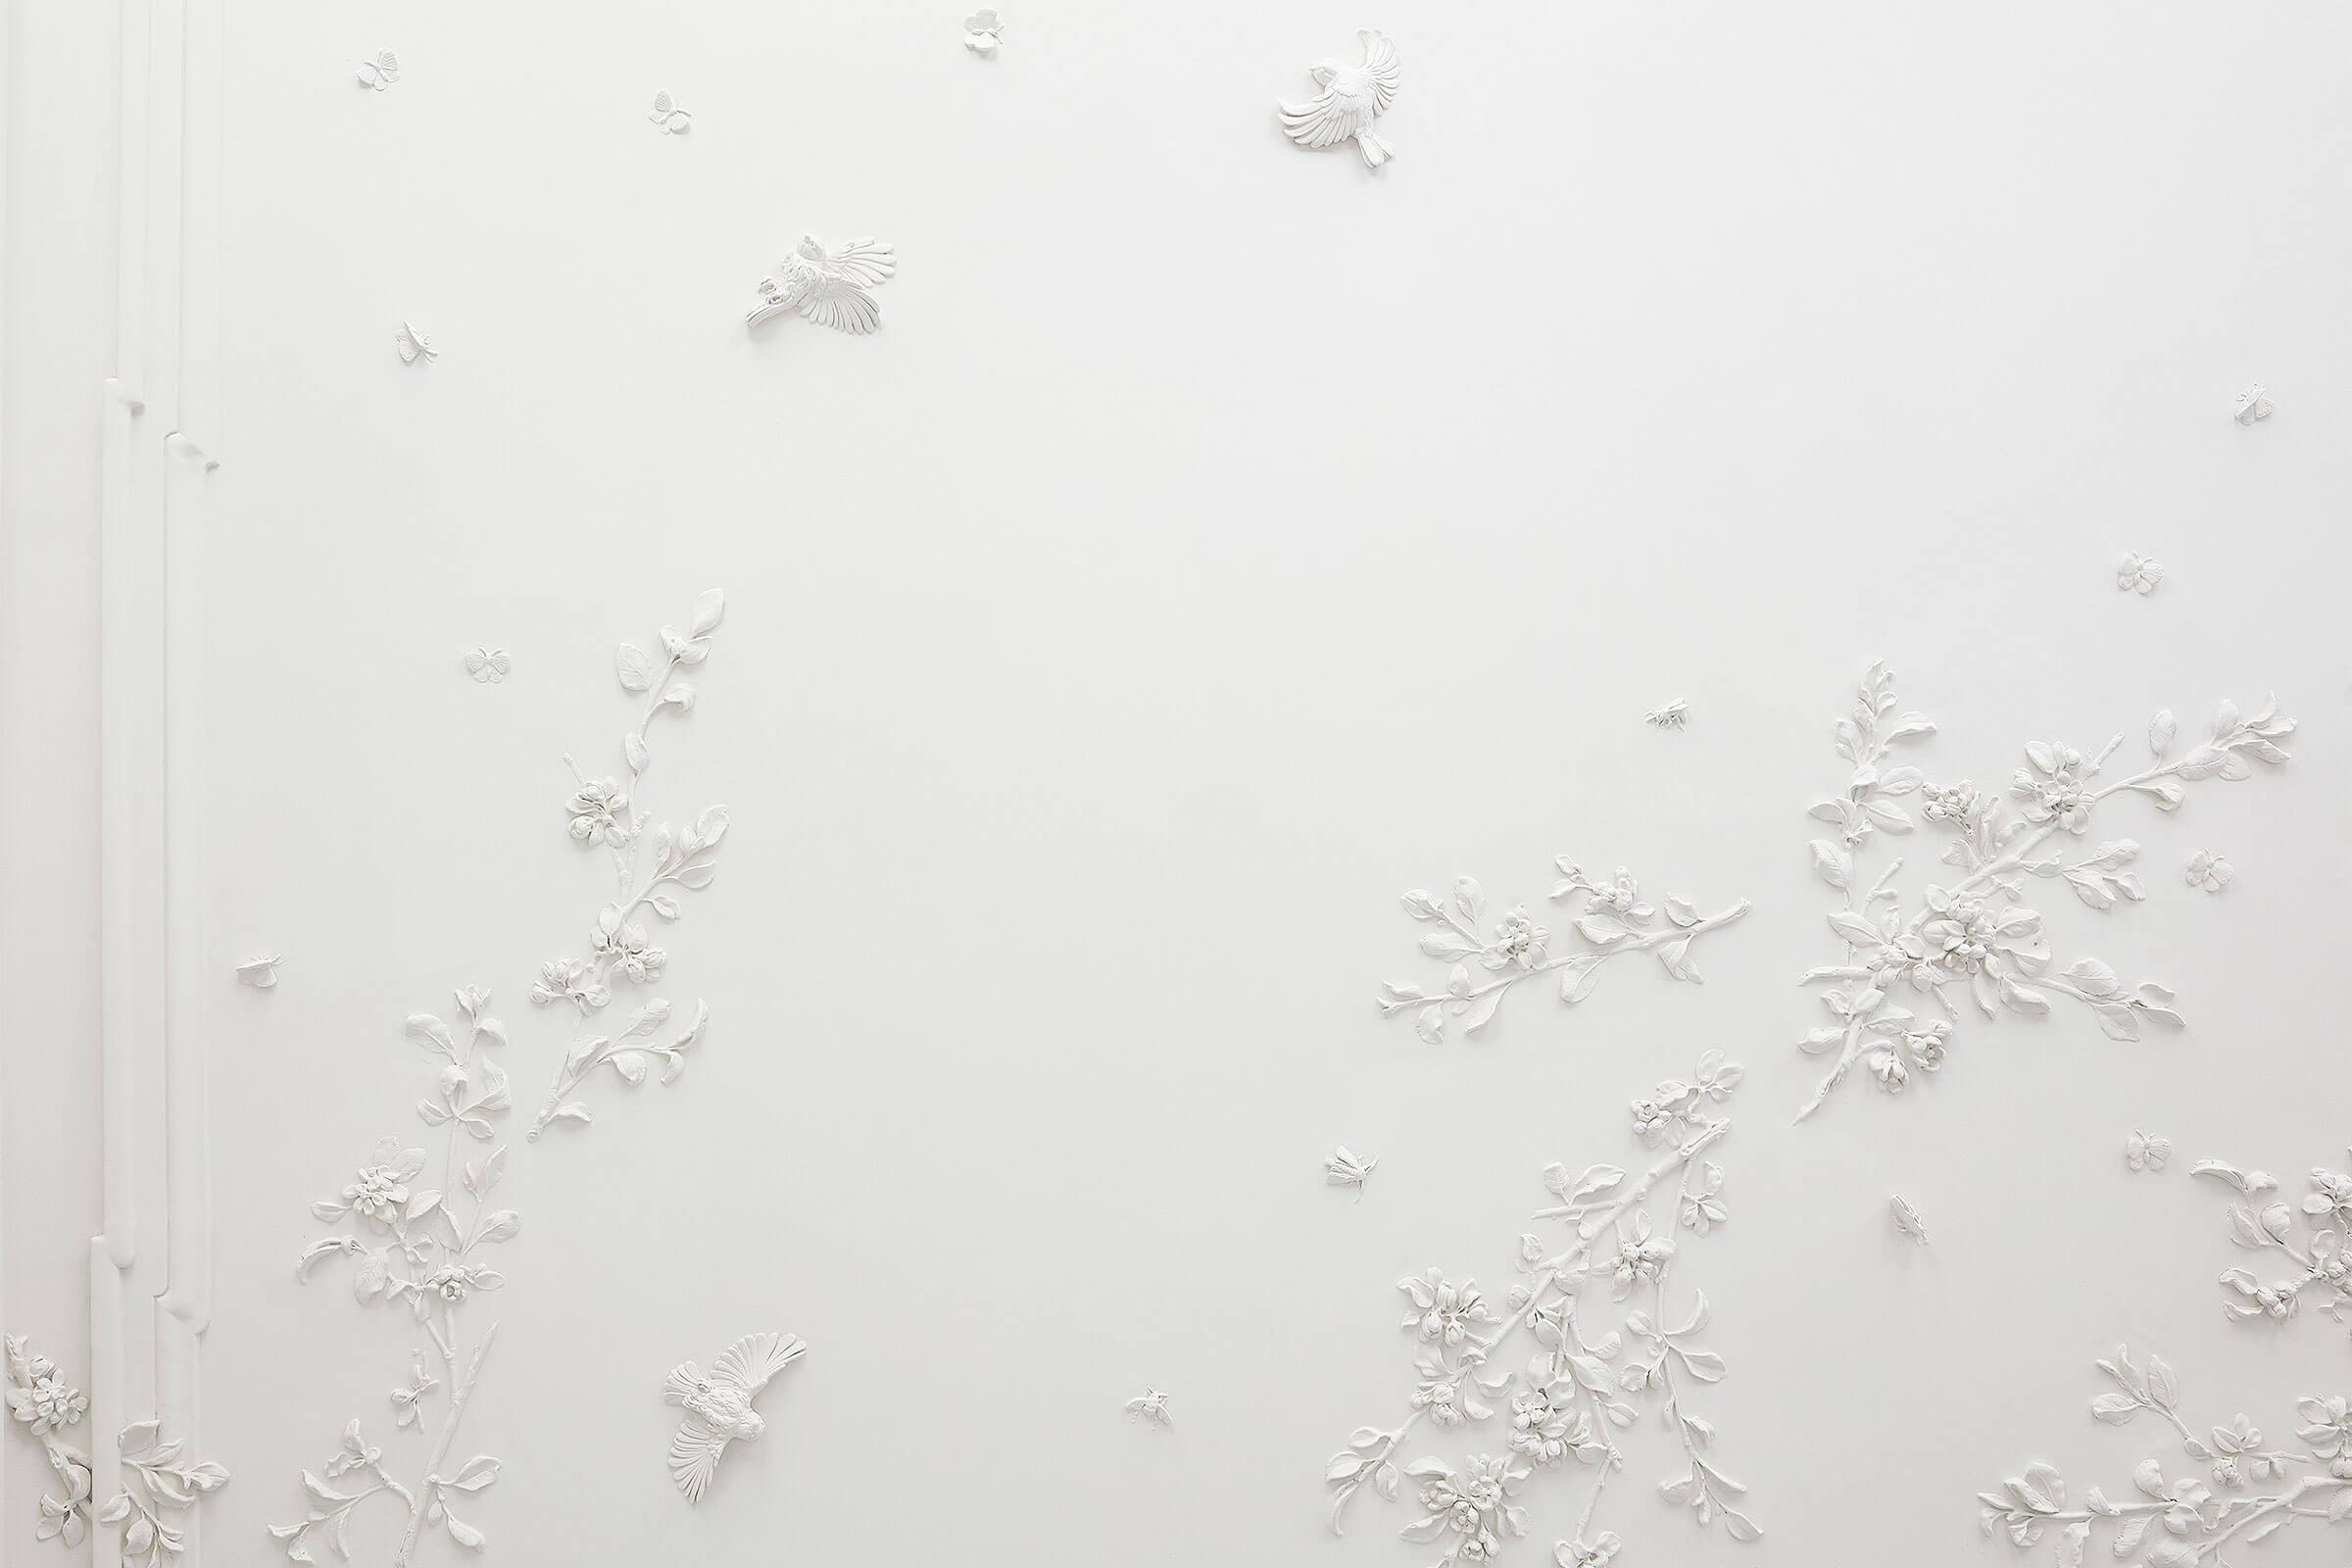 claus lind © stucco contemporary interior stucco modeling stucco interior